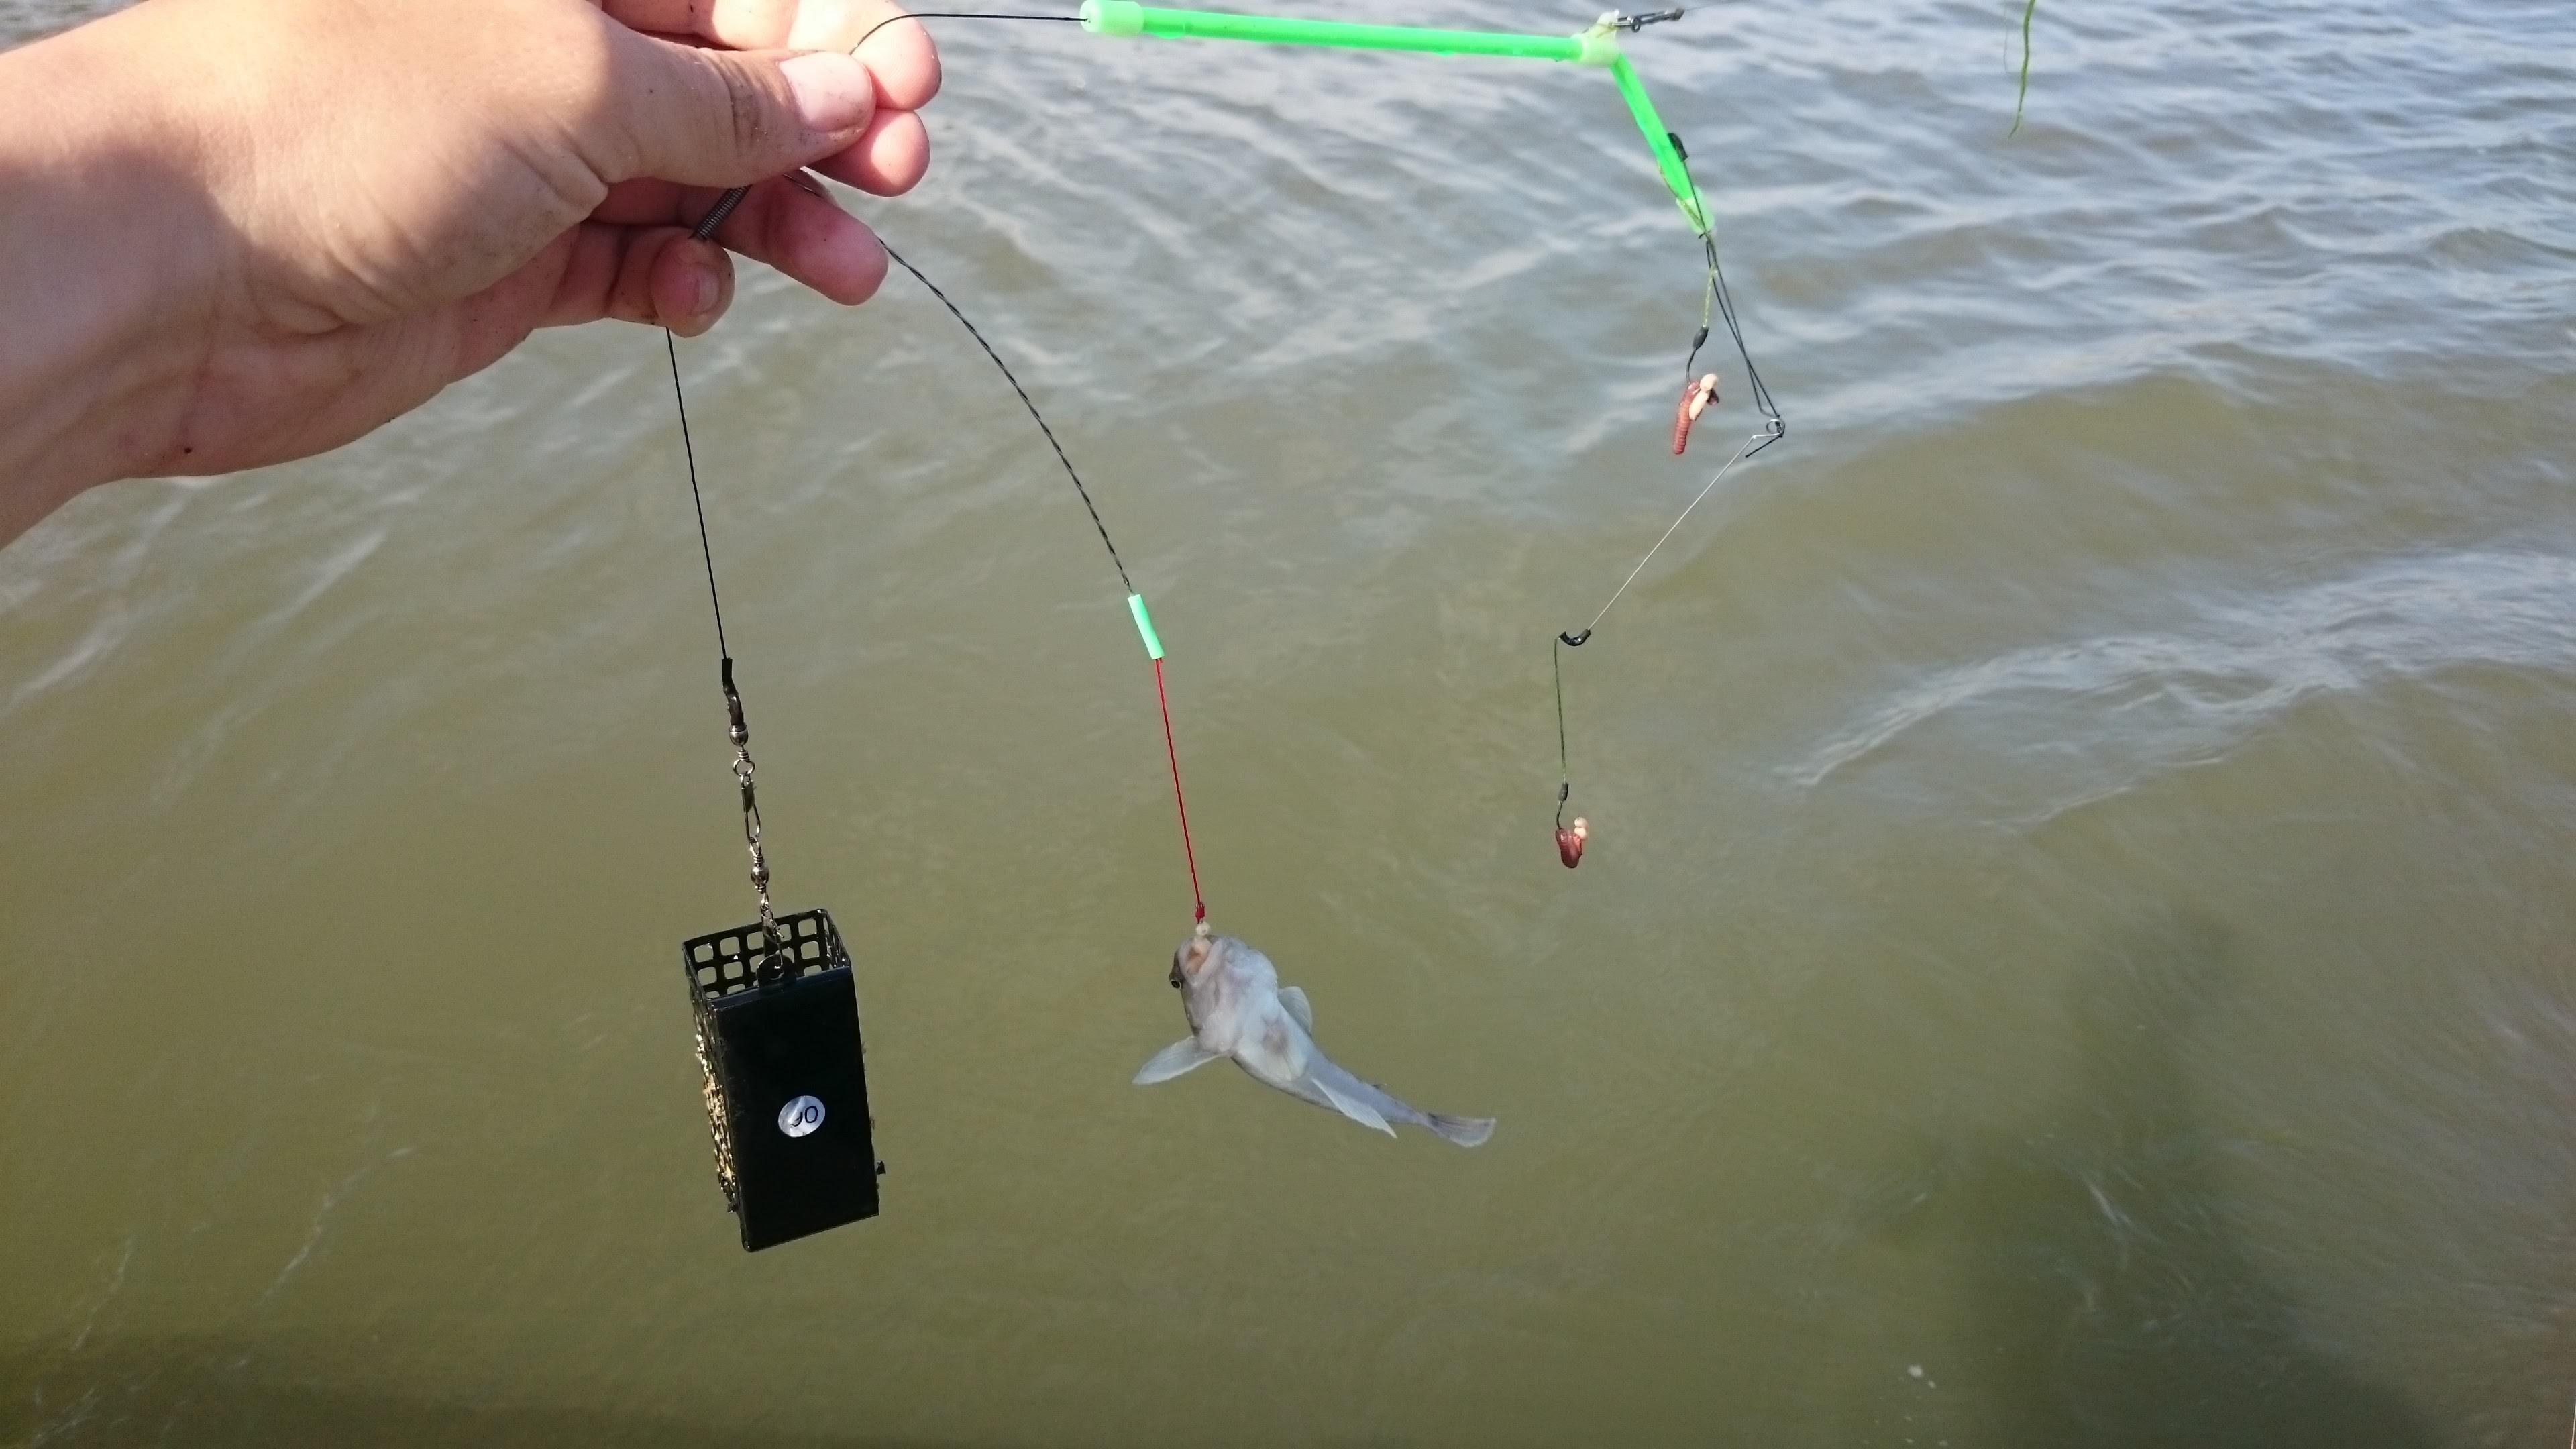 Мотовило — как и при использовании стандартной закидушки, для ловли рыбы на резинку понадобится мотовильце для транспортировки и хранения снасти.